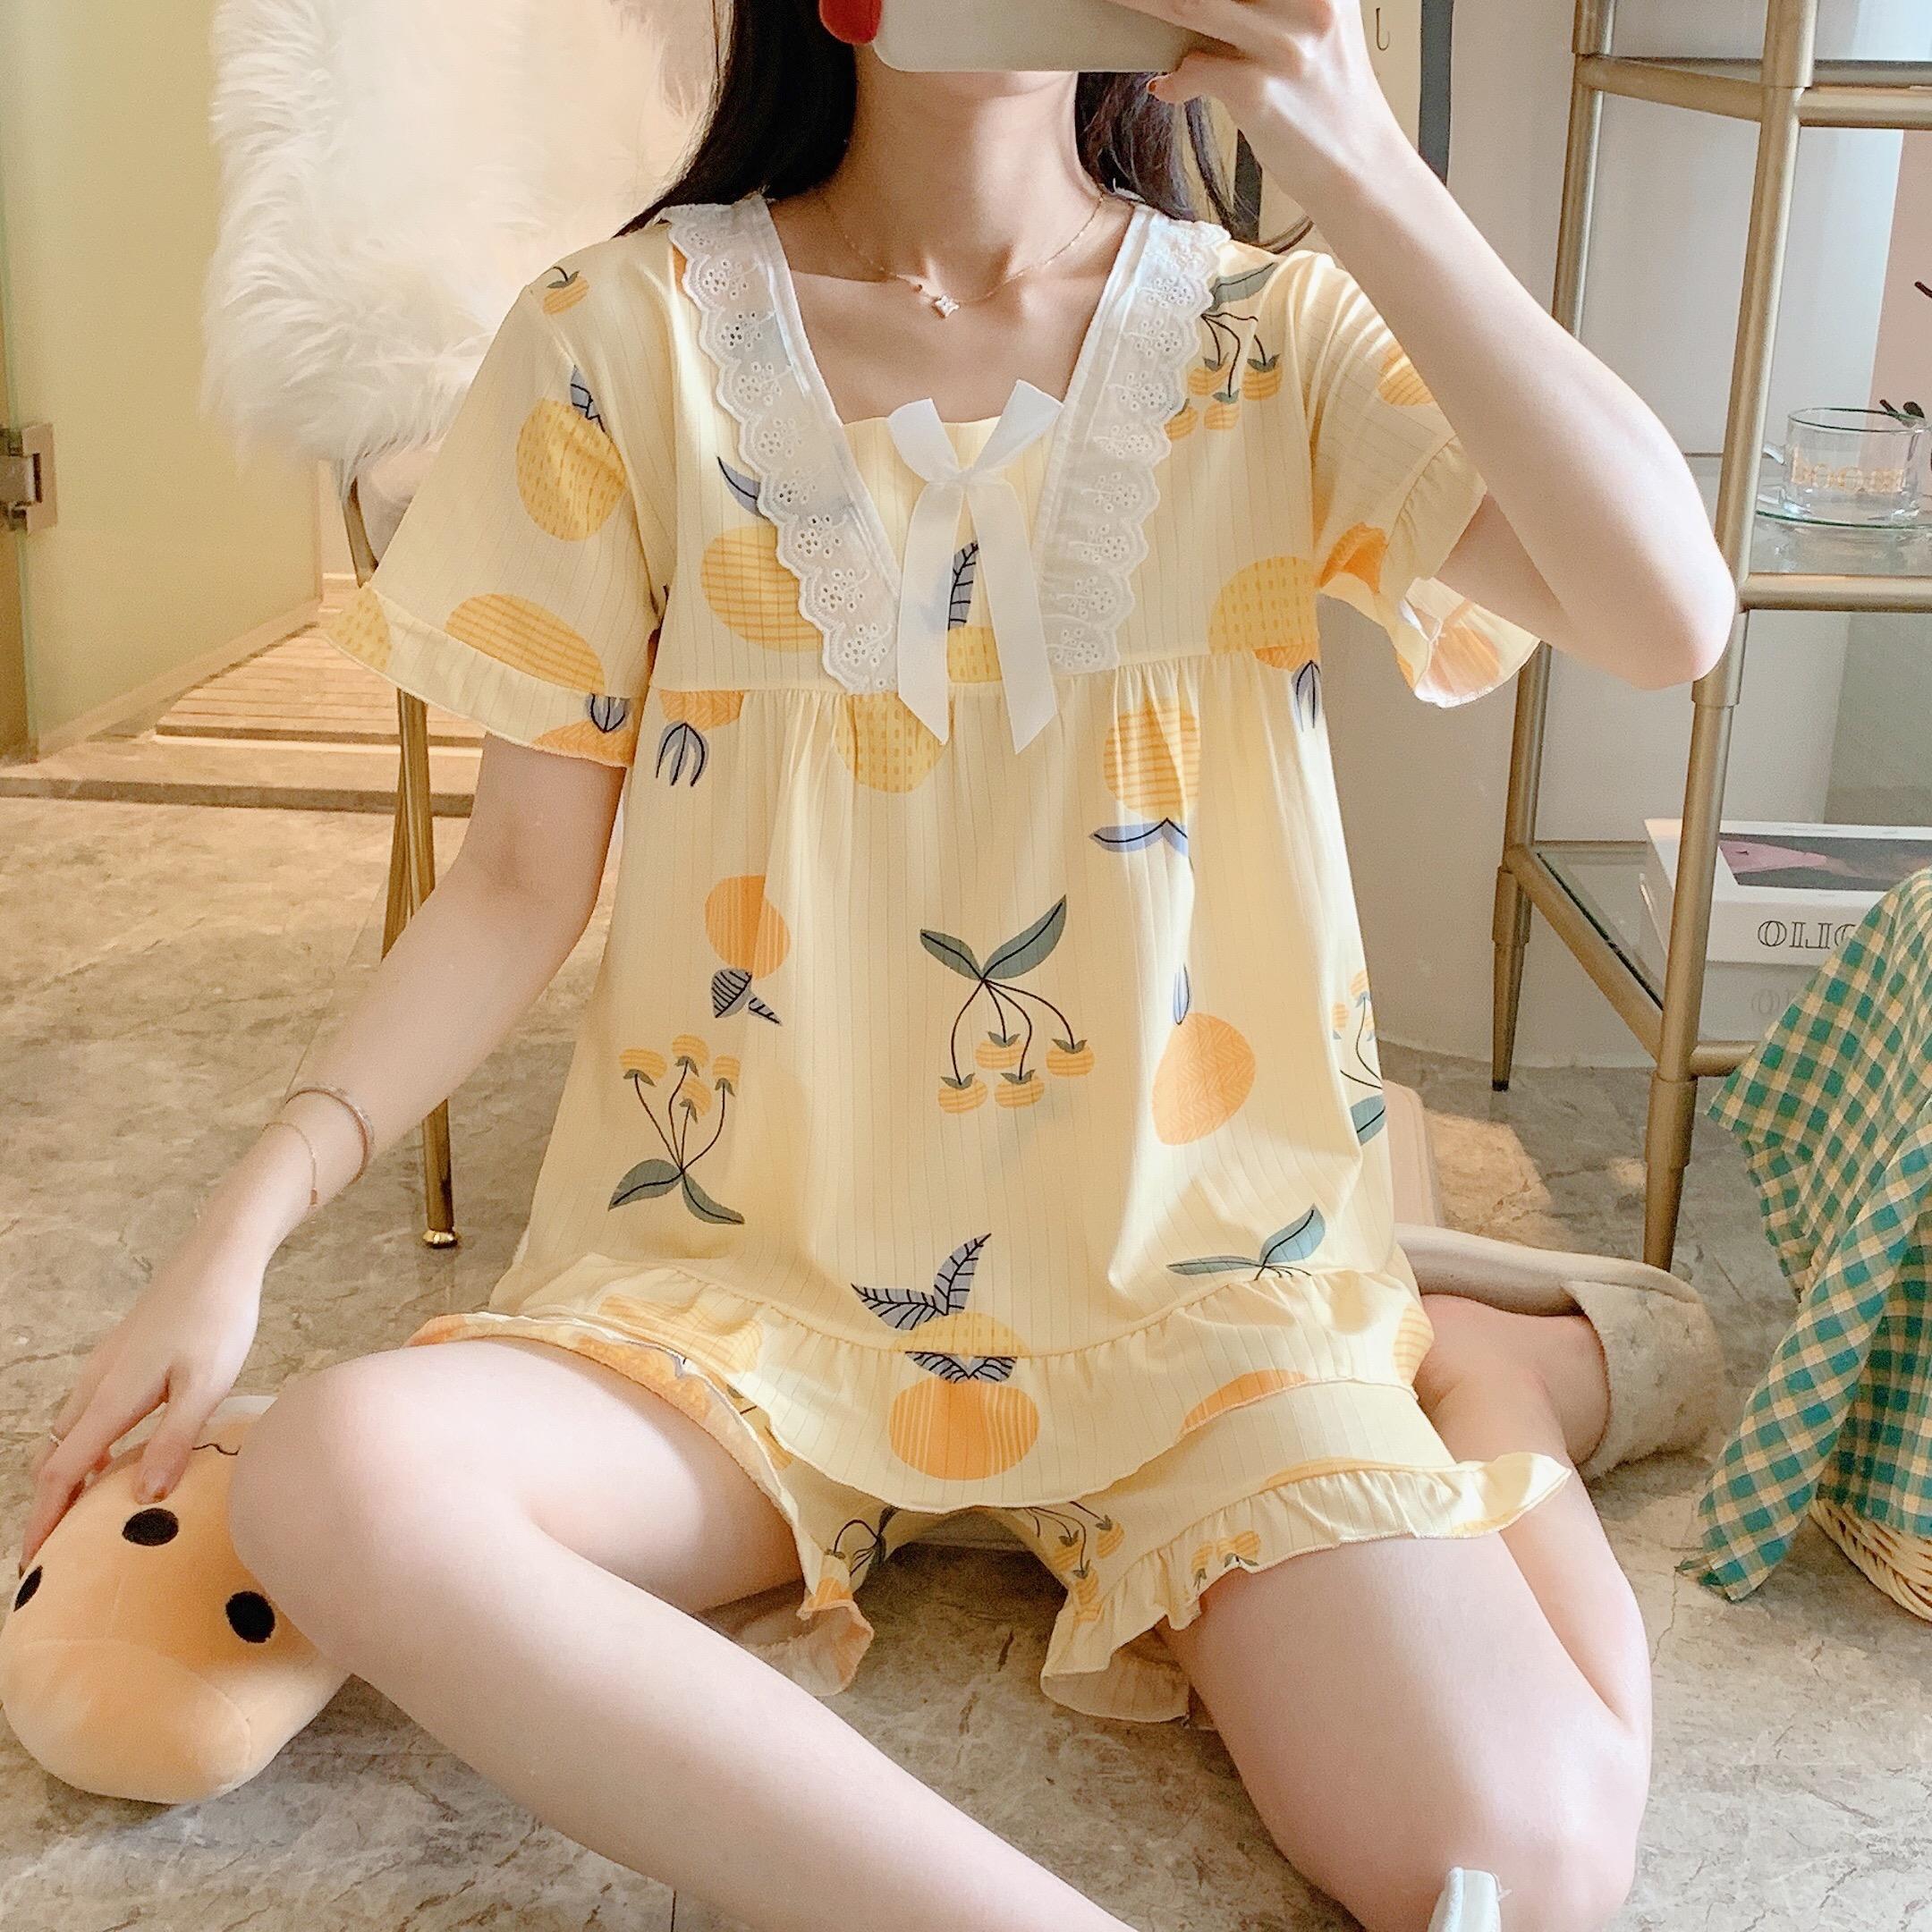 夏季短袖纯棉睡衣女两件套可爱甜美公主风菠萝学生休闲薄款家居服